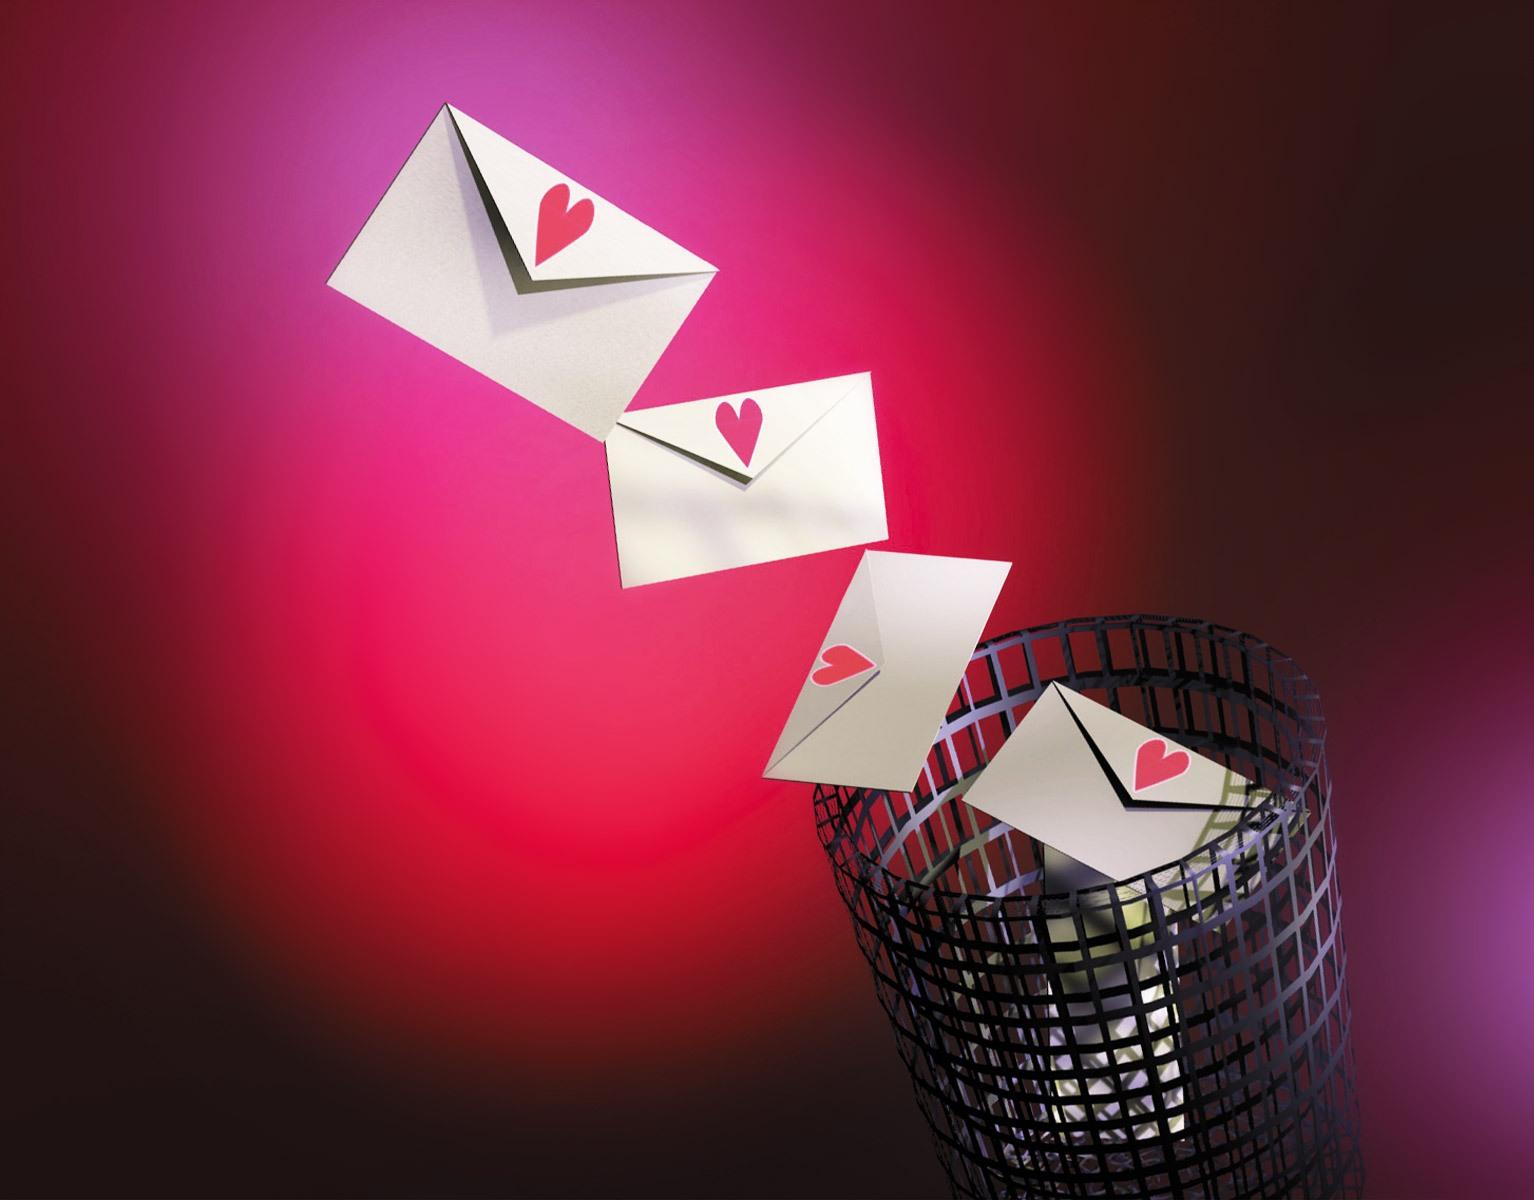 Popular Wallpaper Harry Potter Letter - Love_Letters_wallpaper  Graphic_423487.jpg